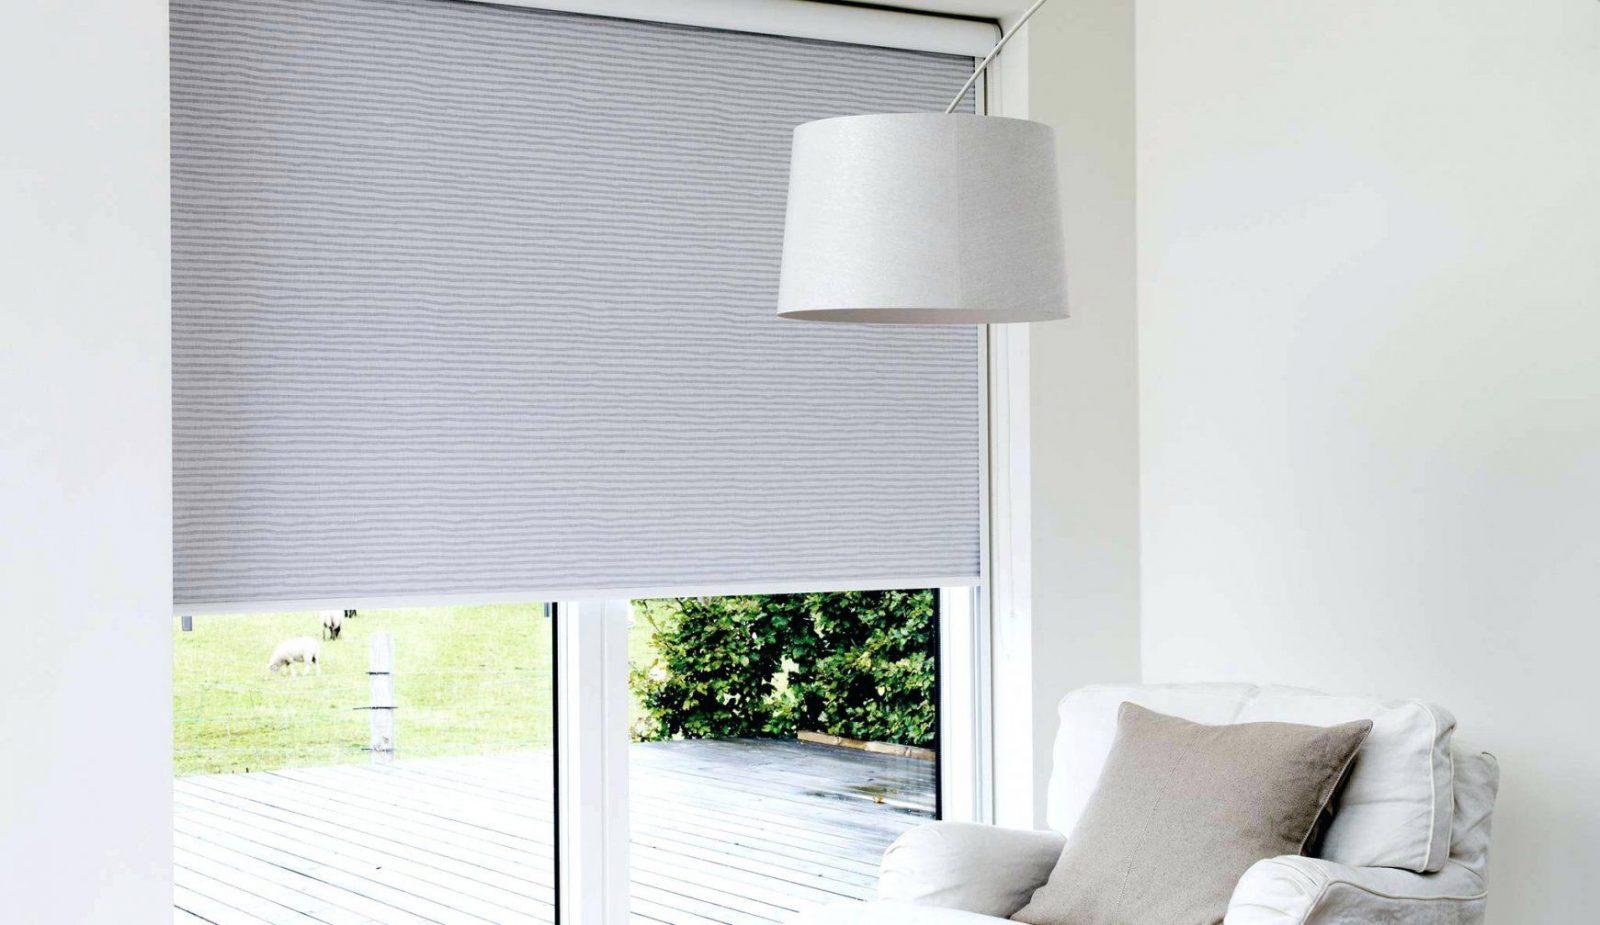 Neu Gardinen Ohne Bohren Ikea Ideen von Ikea Rollo Ohne Bohren Bild